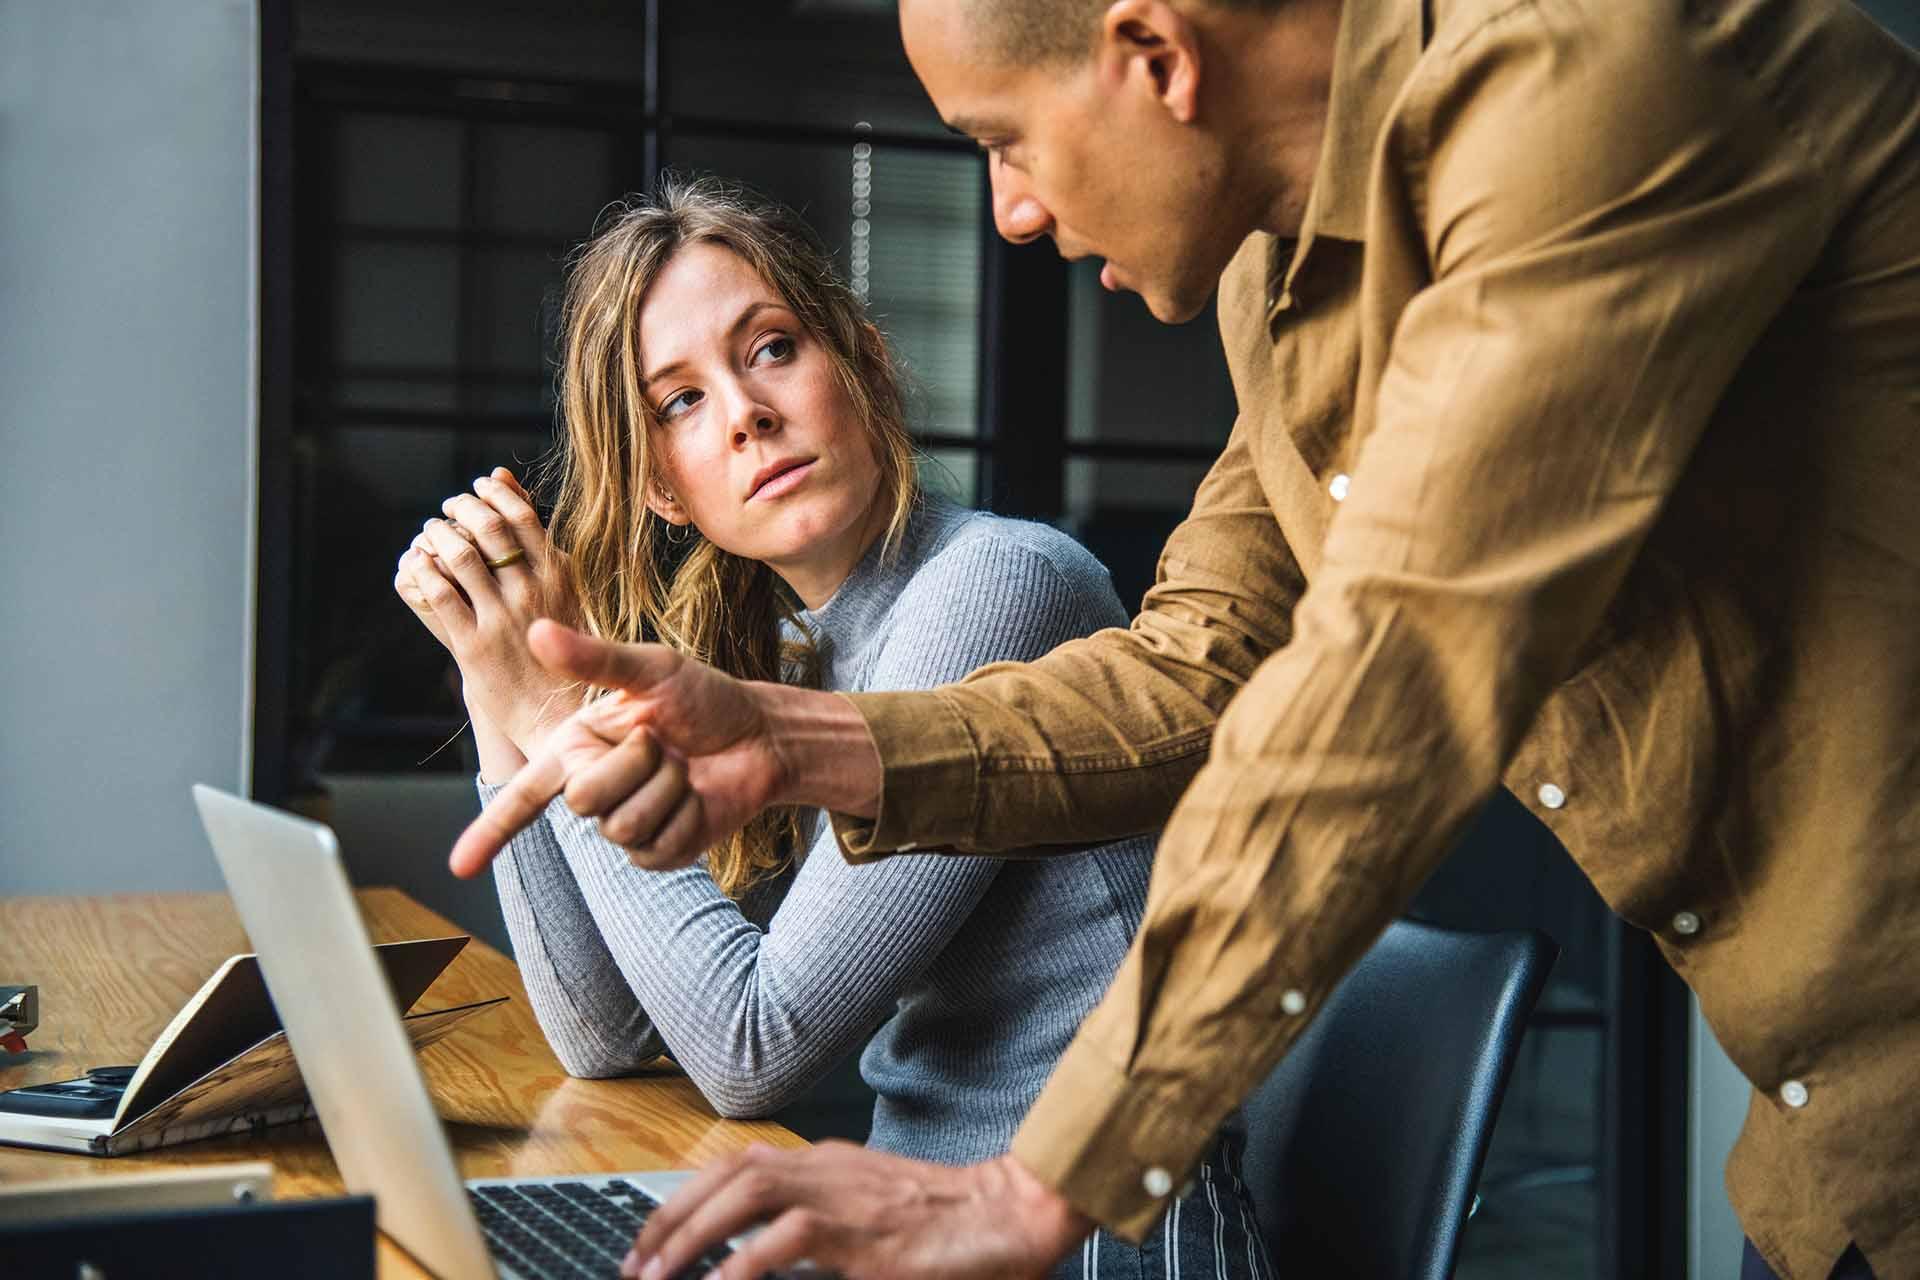 t2informatik Blog: Konflikte am Arbeitsplatz